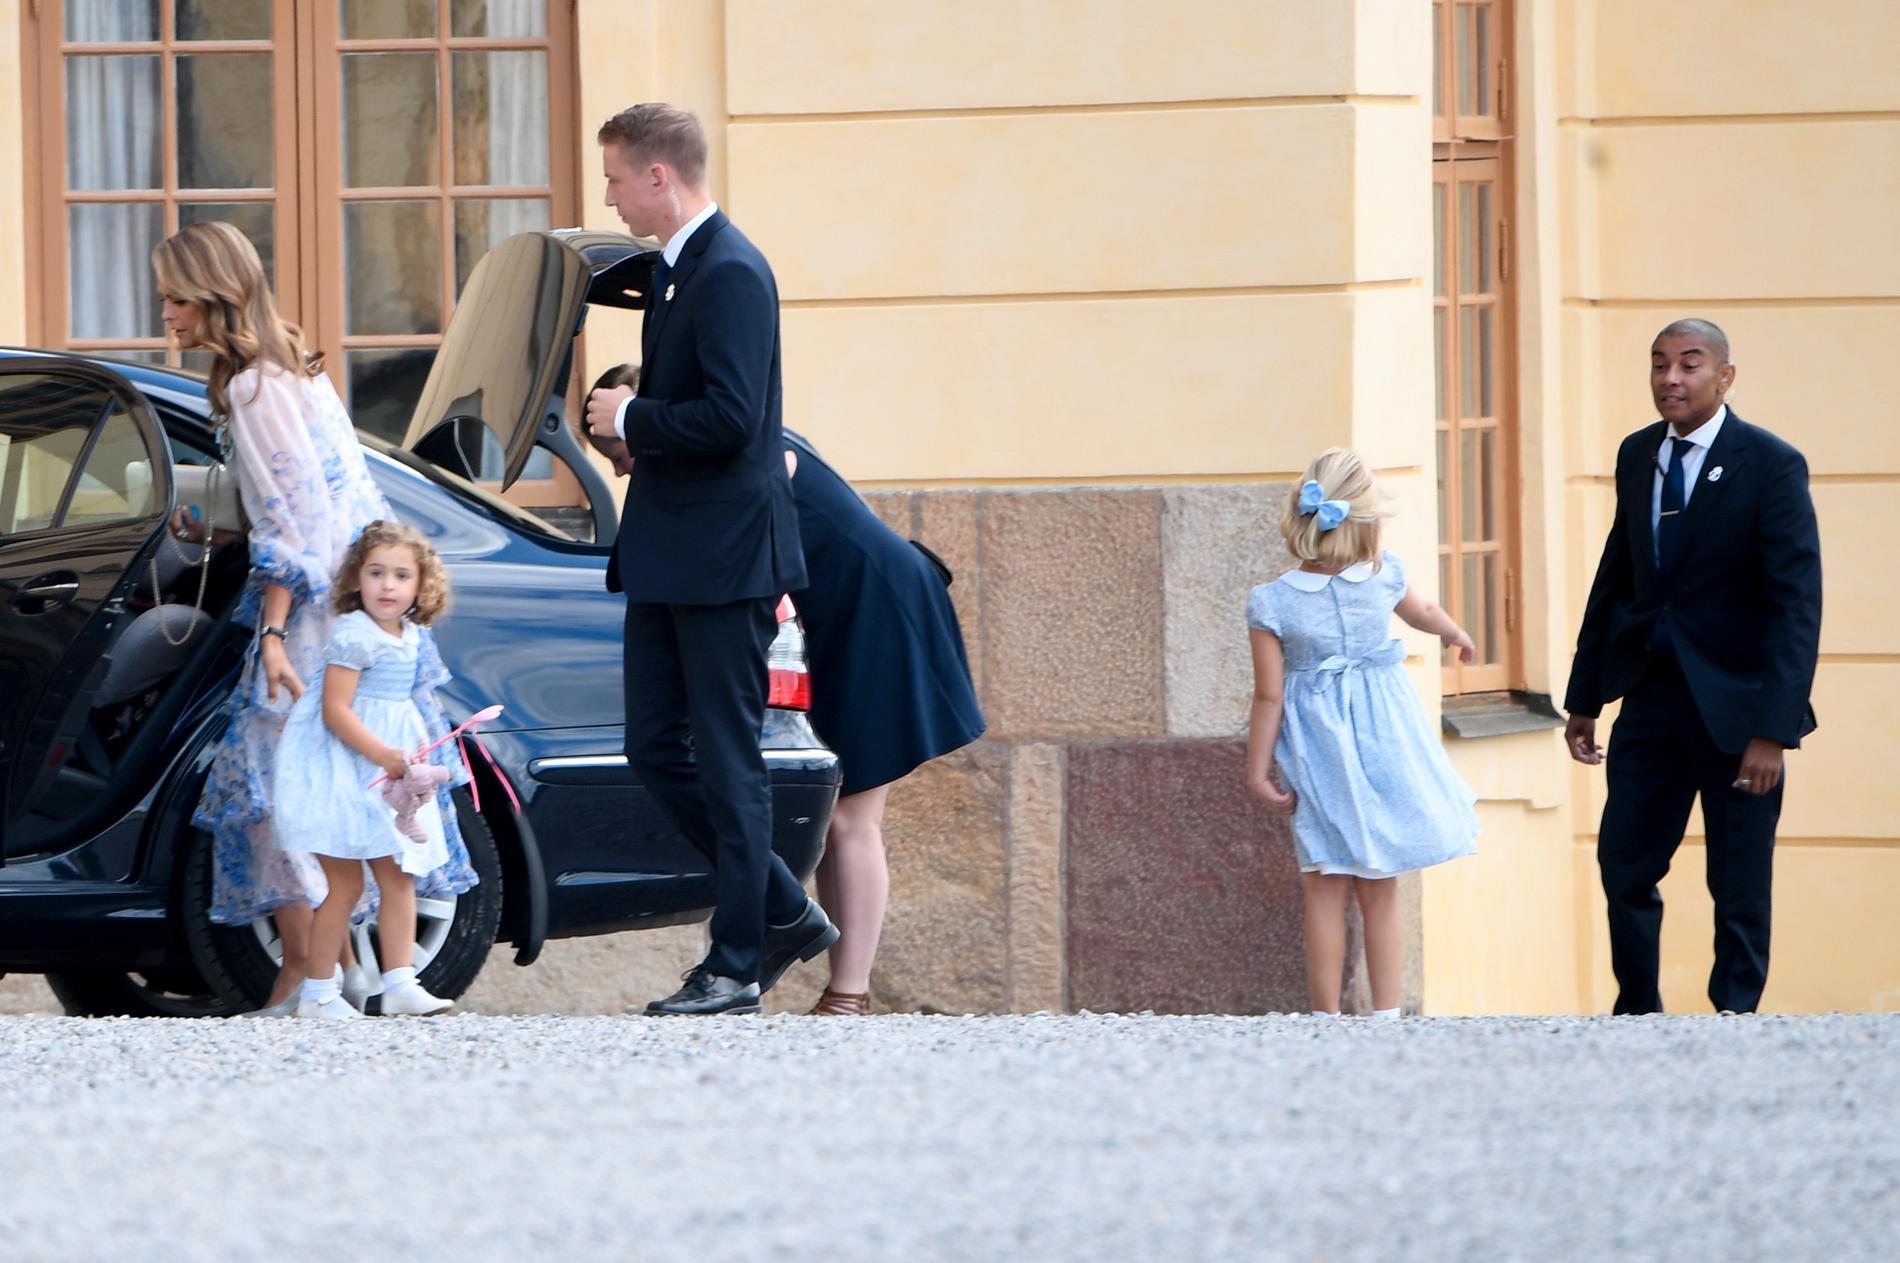 Prinsessan Madeleine med sina döttrar prinsessan Adrienne och prinsessan Leonore